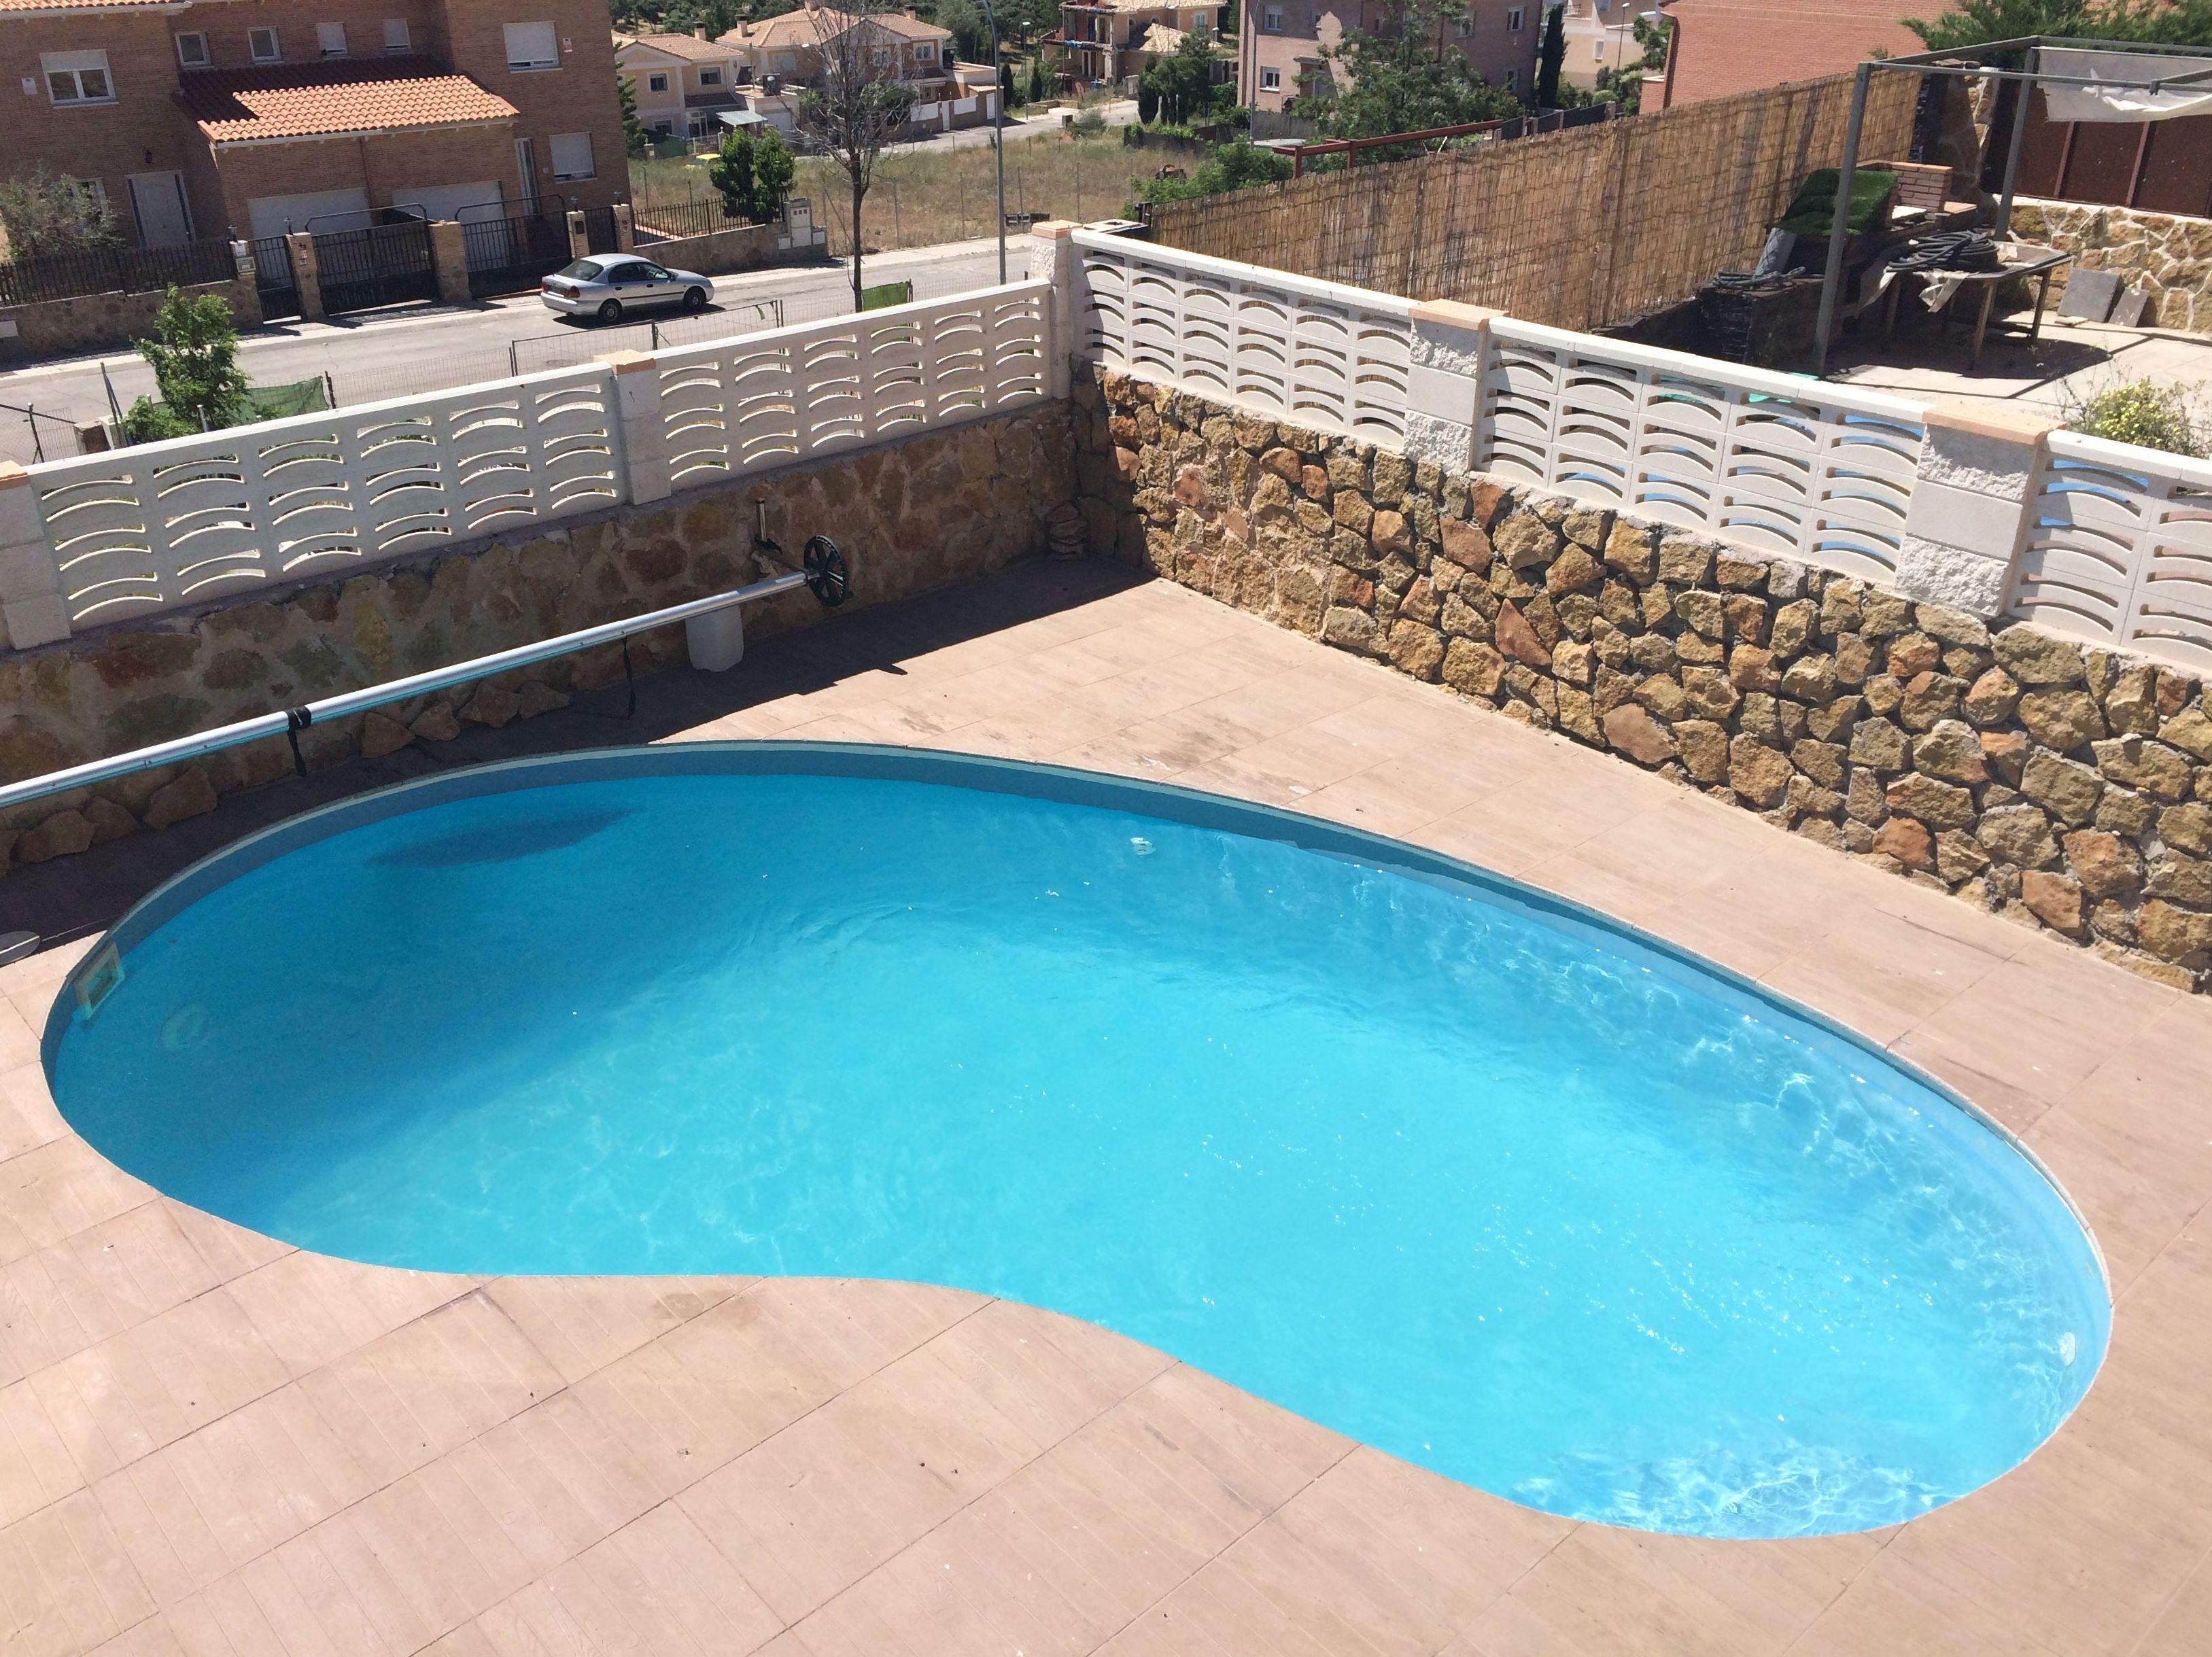 foto 74 de piscinas (instalación y mantenimiento) en san sebastián